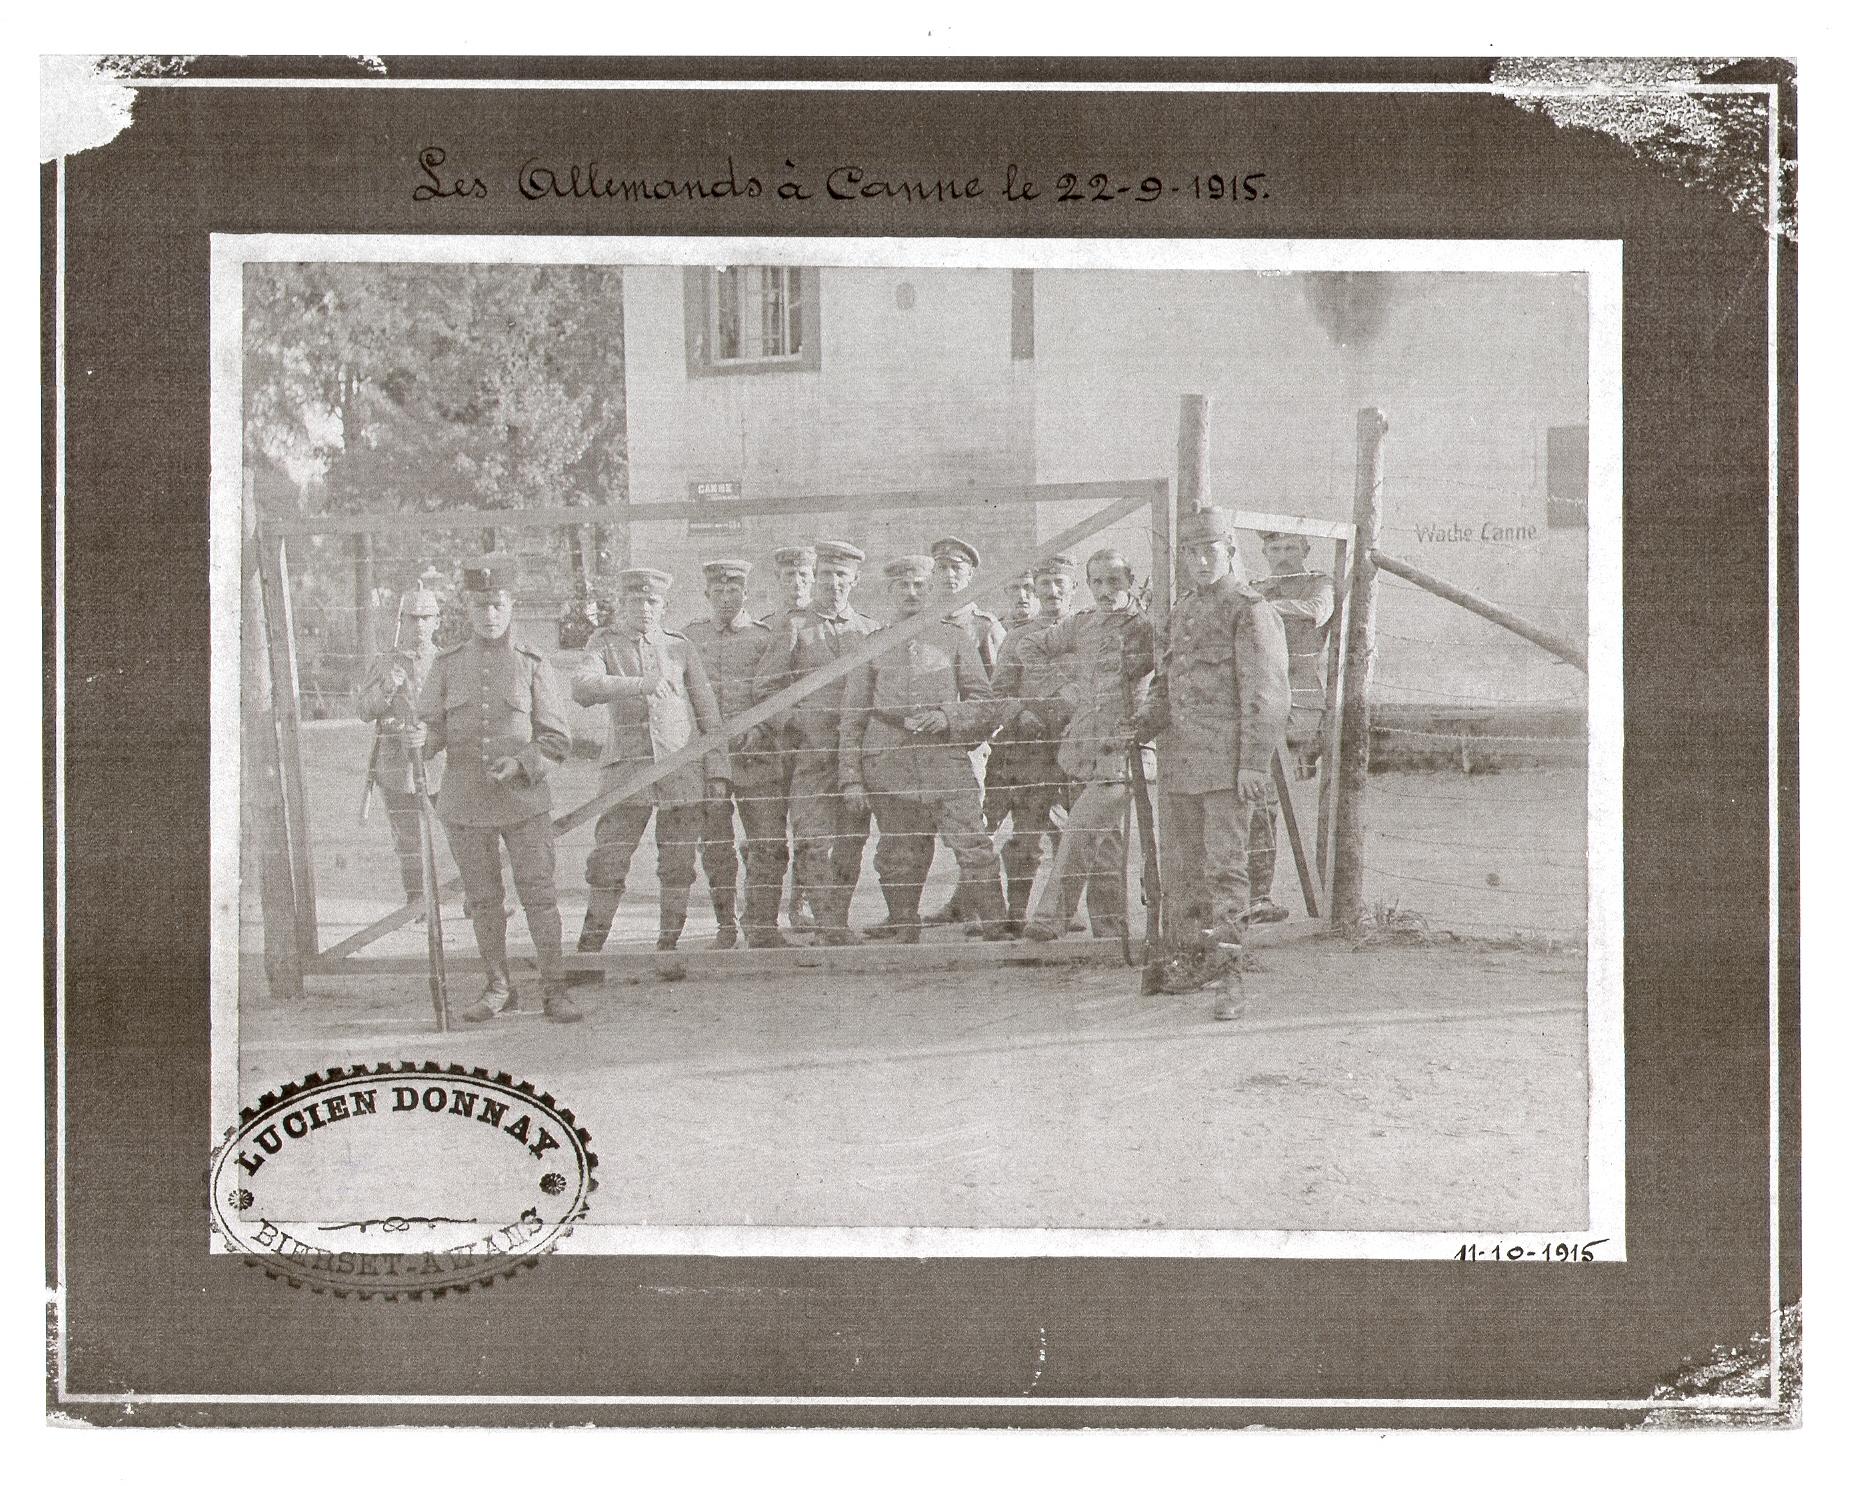 De grens in Kanne in 1914-1915